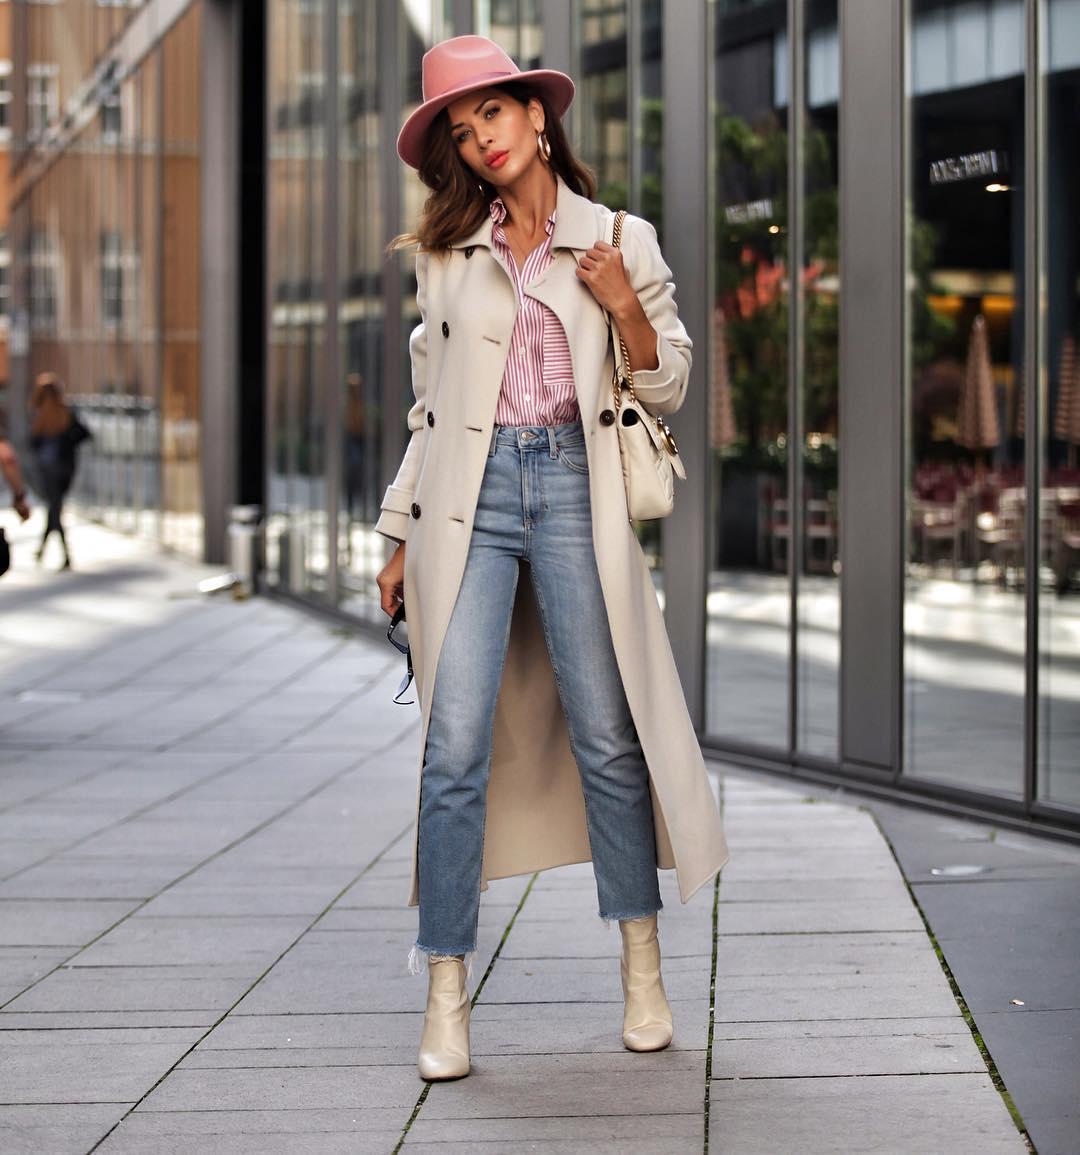 948017cbe В нашем обзоре мы раздерем основные составляющие модного базового  гардероба, которые помогут вам каждый день создавать уникальные и стильные  образы.